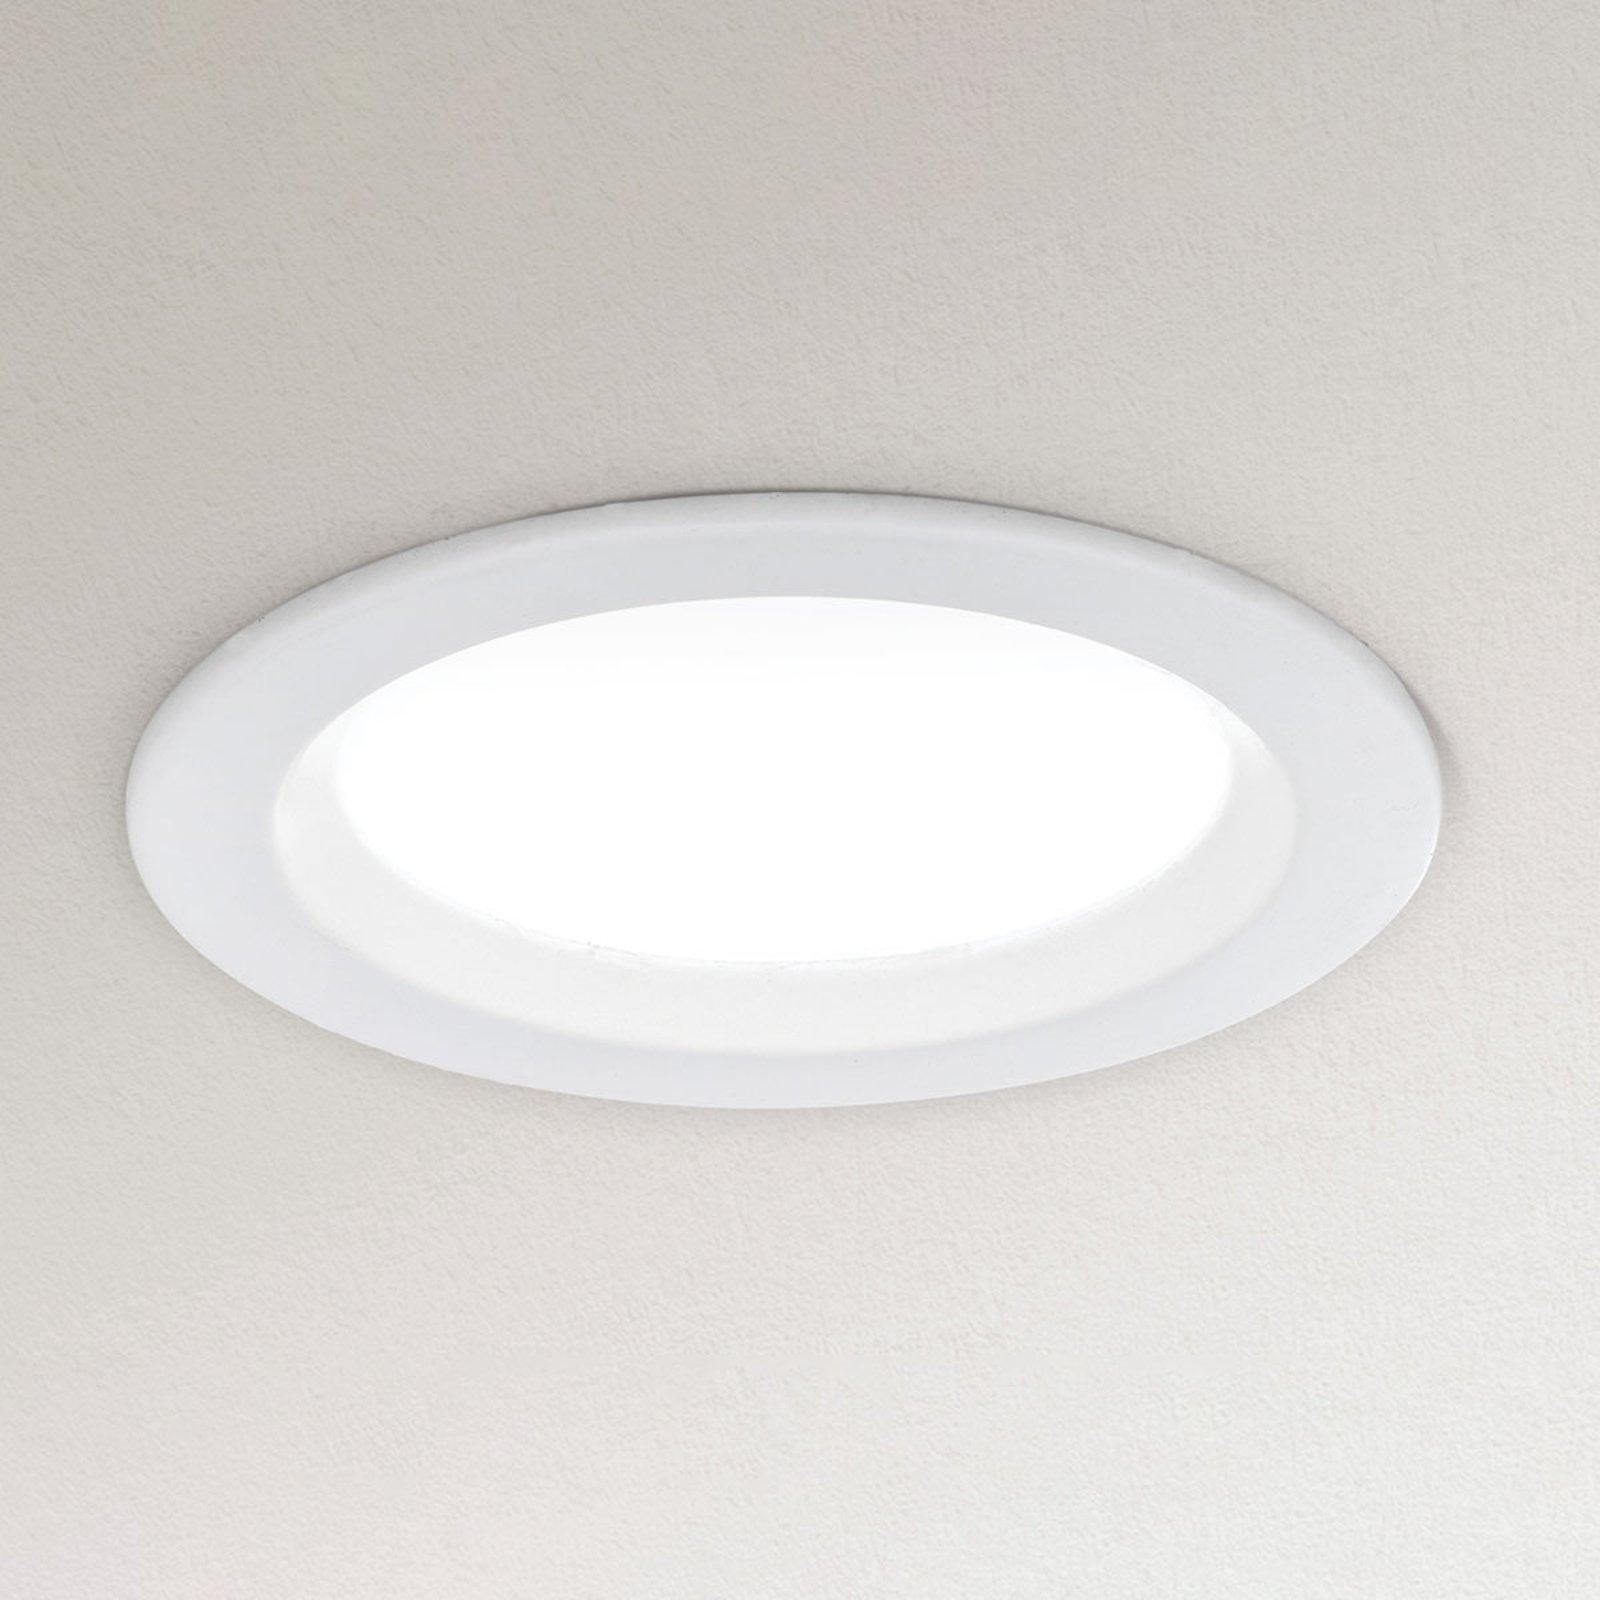 Dimbar LED-downlight Spock Ø 9 cm hvit